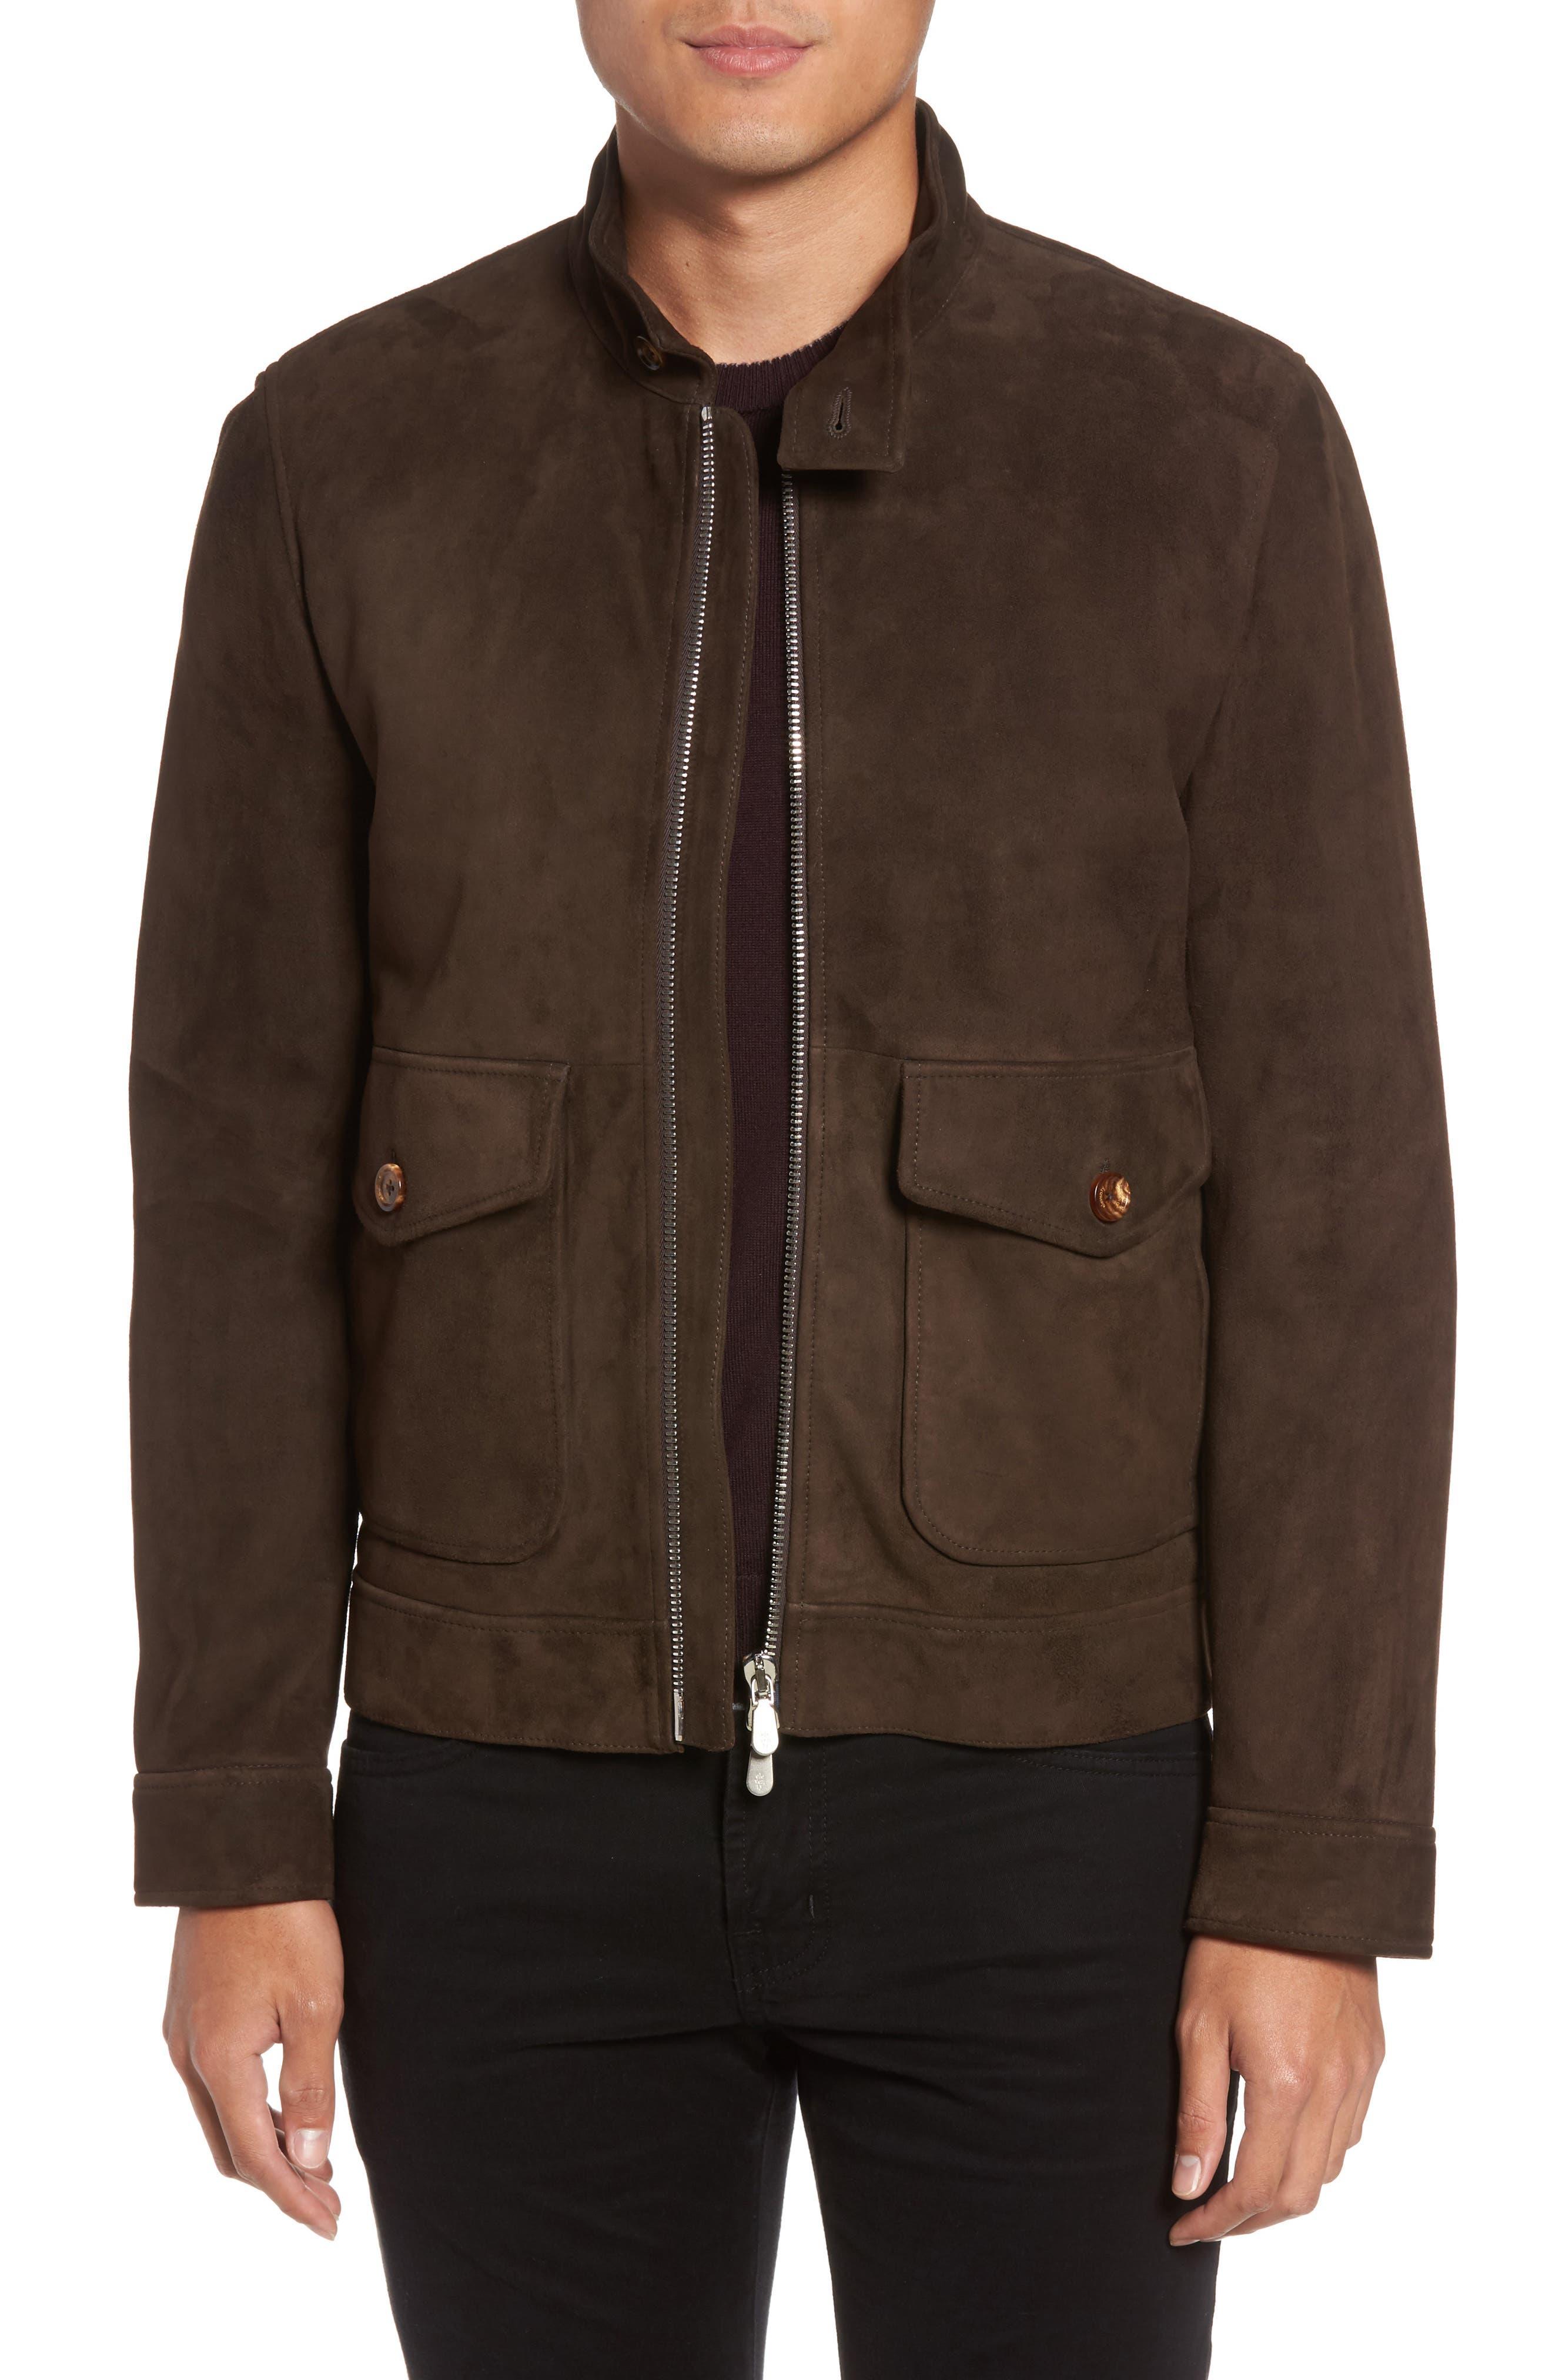 Alternate Image 1 Selected - Eleventy Suede Jacket